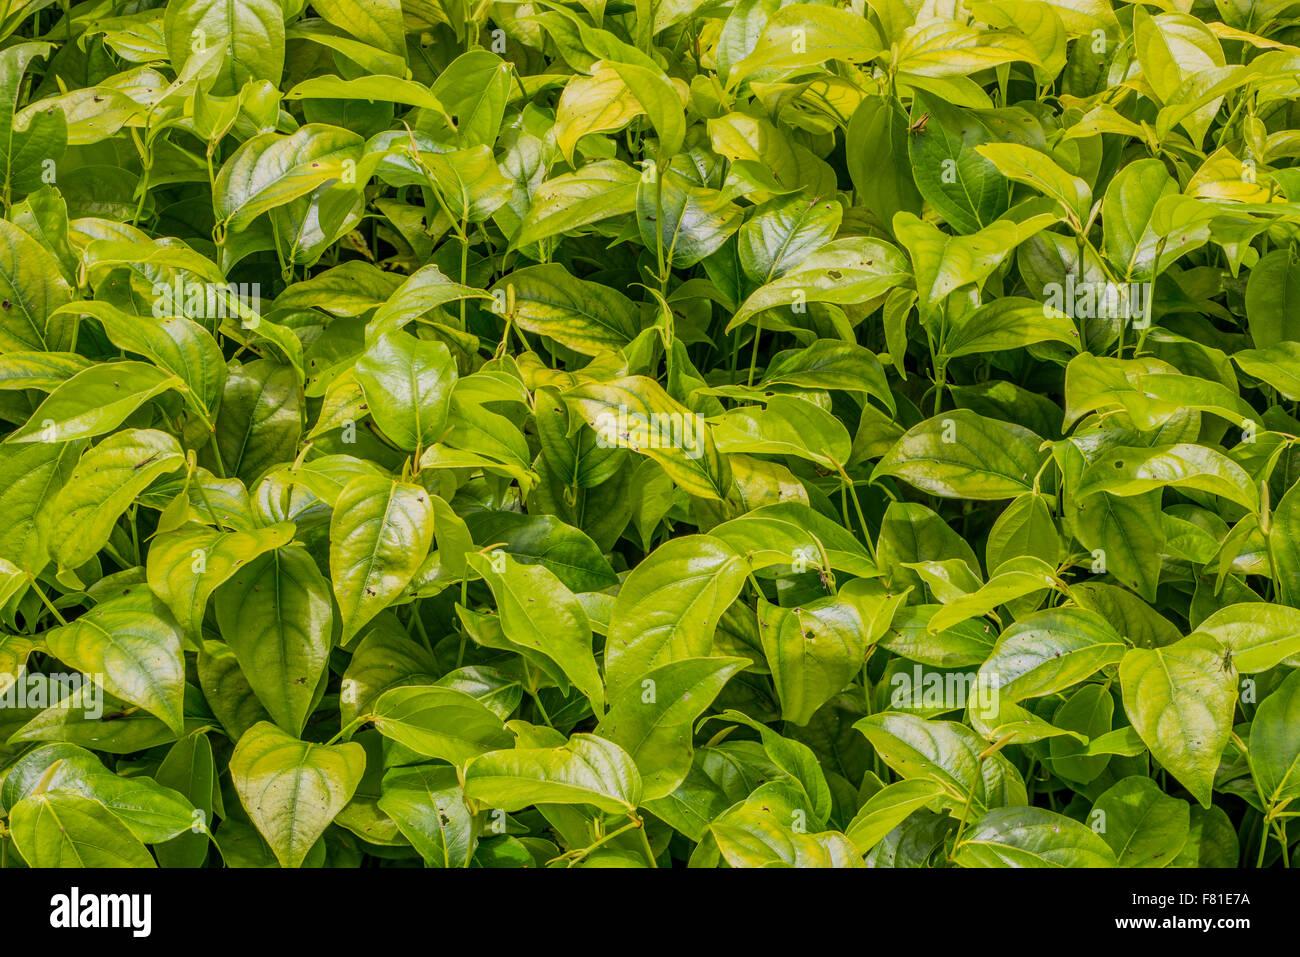 - Usine de Piper Piper calleux - plante médicinale, utilisée à la fois comme un léger stimulant Photo Stock